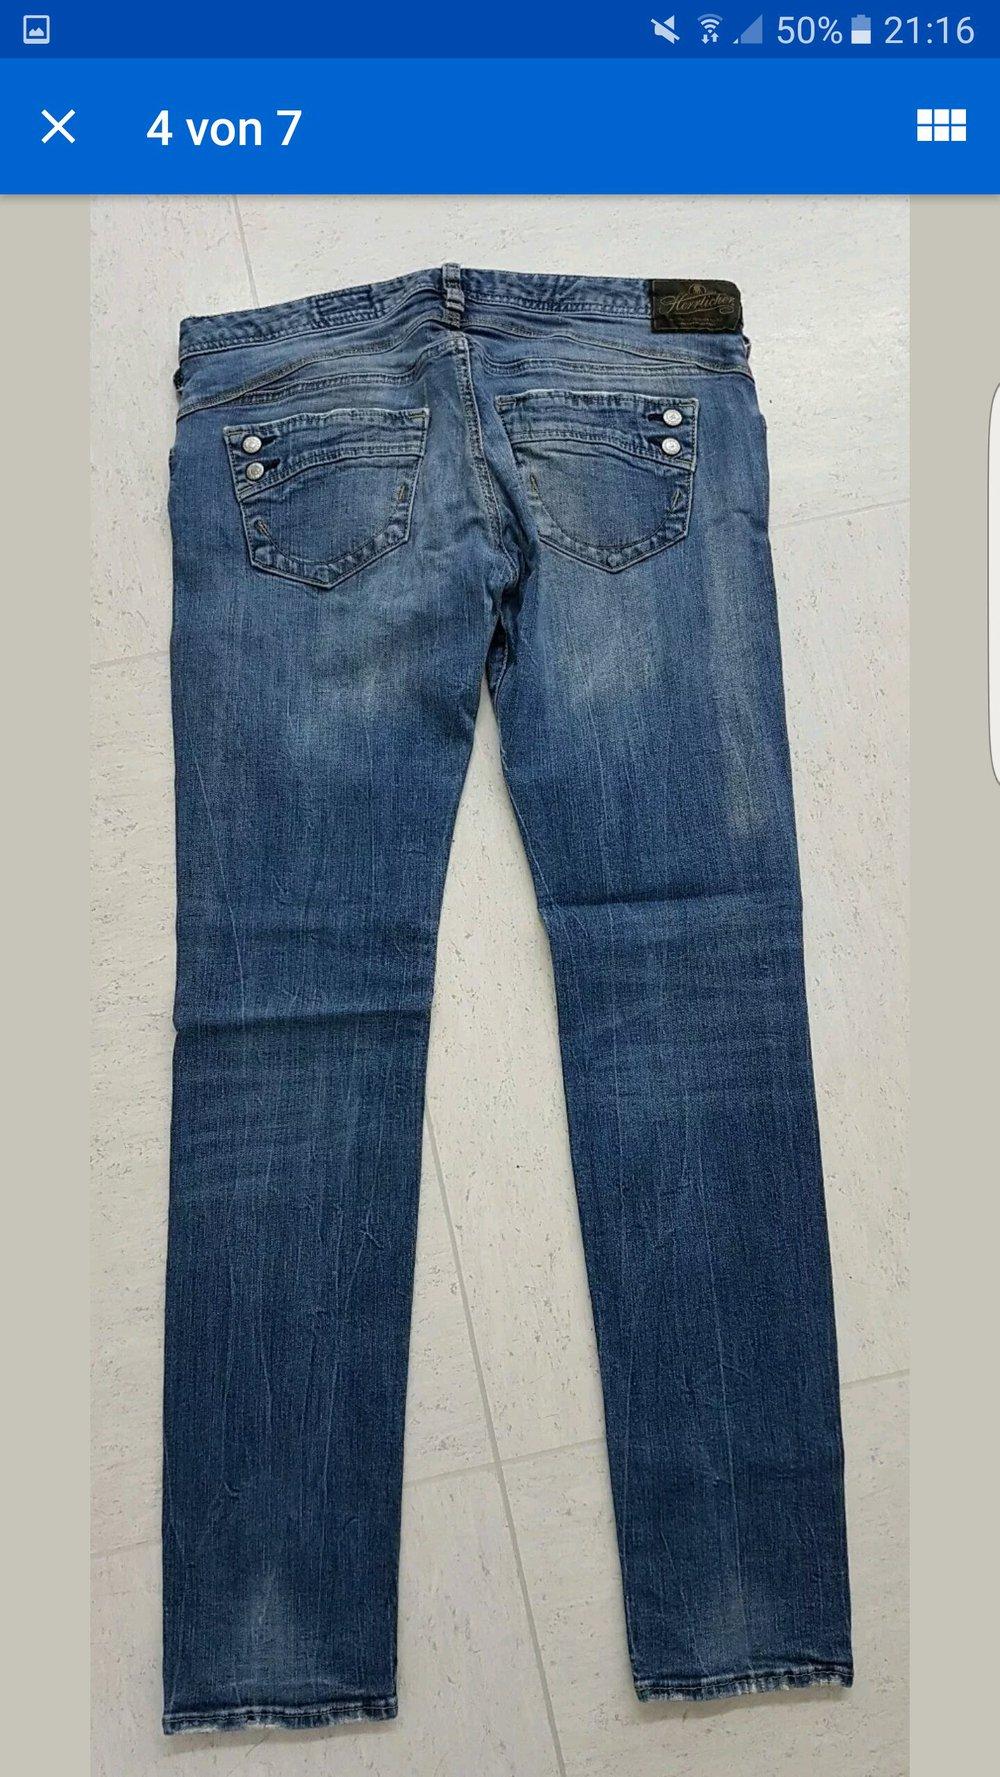 Herrlicher - herrlicher Marken Damen Jeans Hose 31 32 sexy wow ... 15c4957821